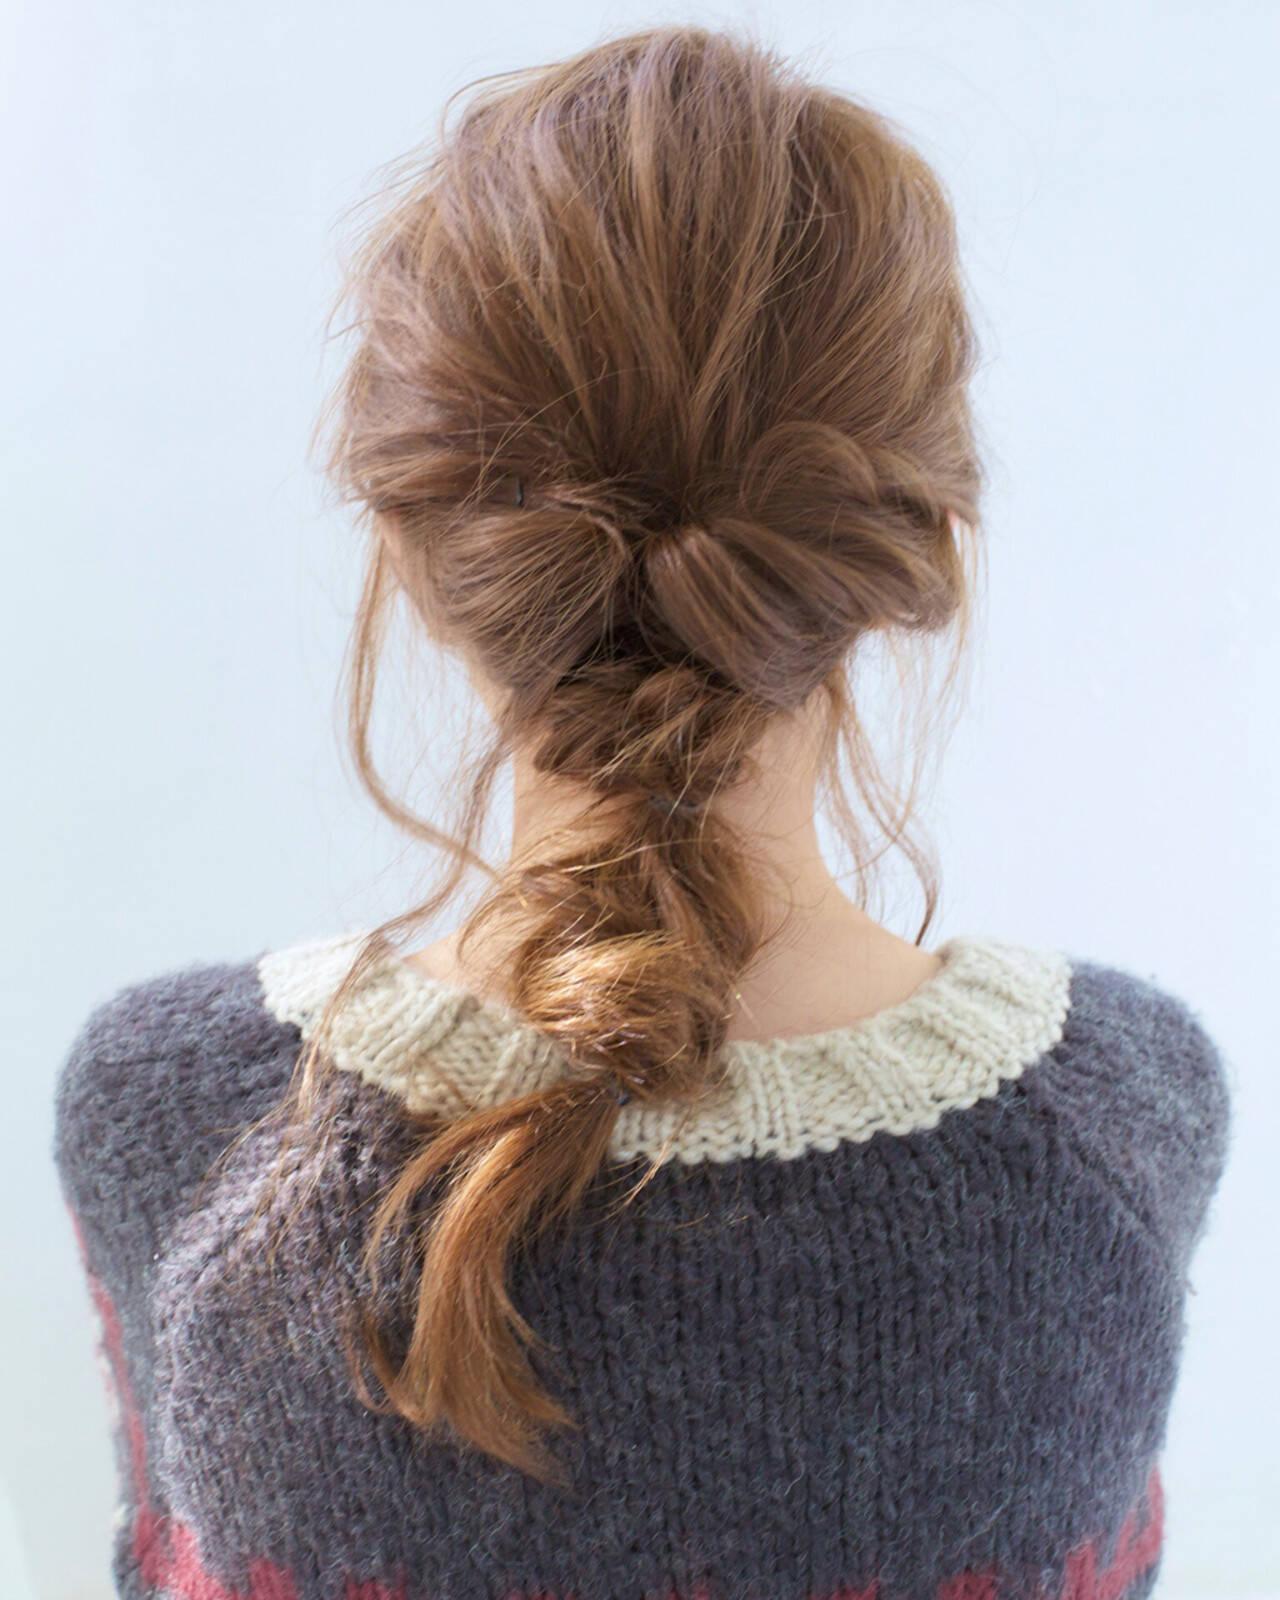 ヘアアレンジ 簡単ヘアアレンジ ショート セミロングヘアスタイルや髪型の写真・画像